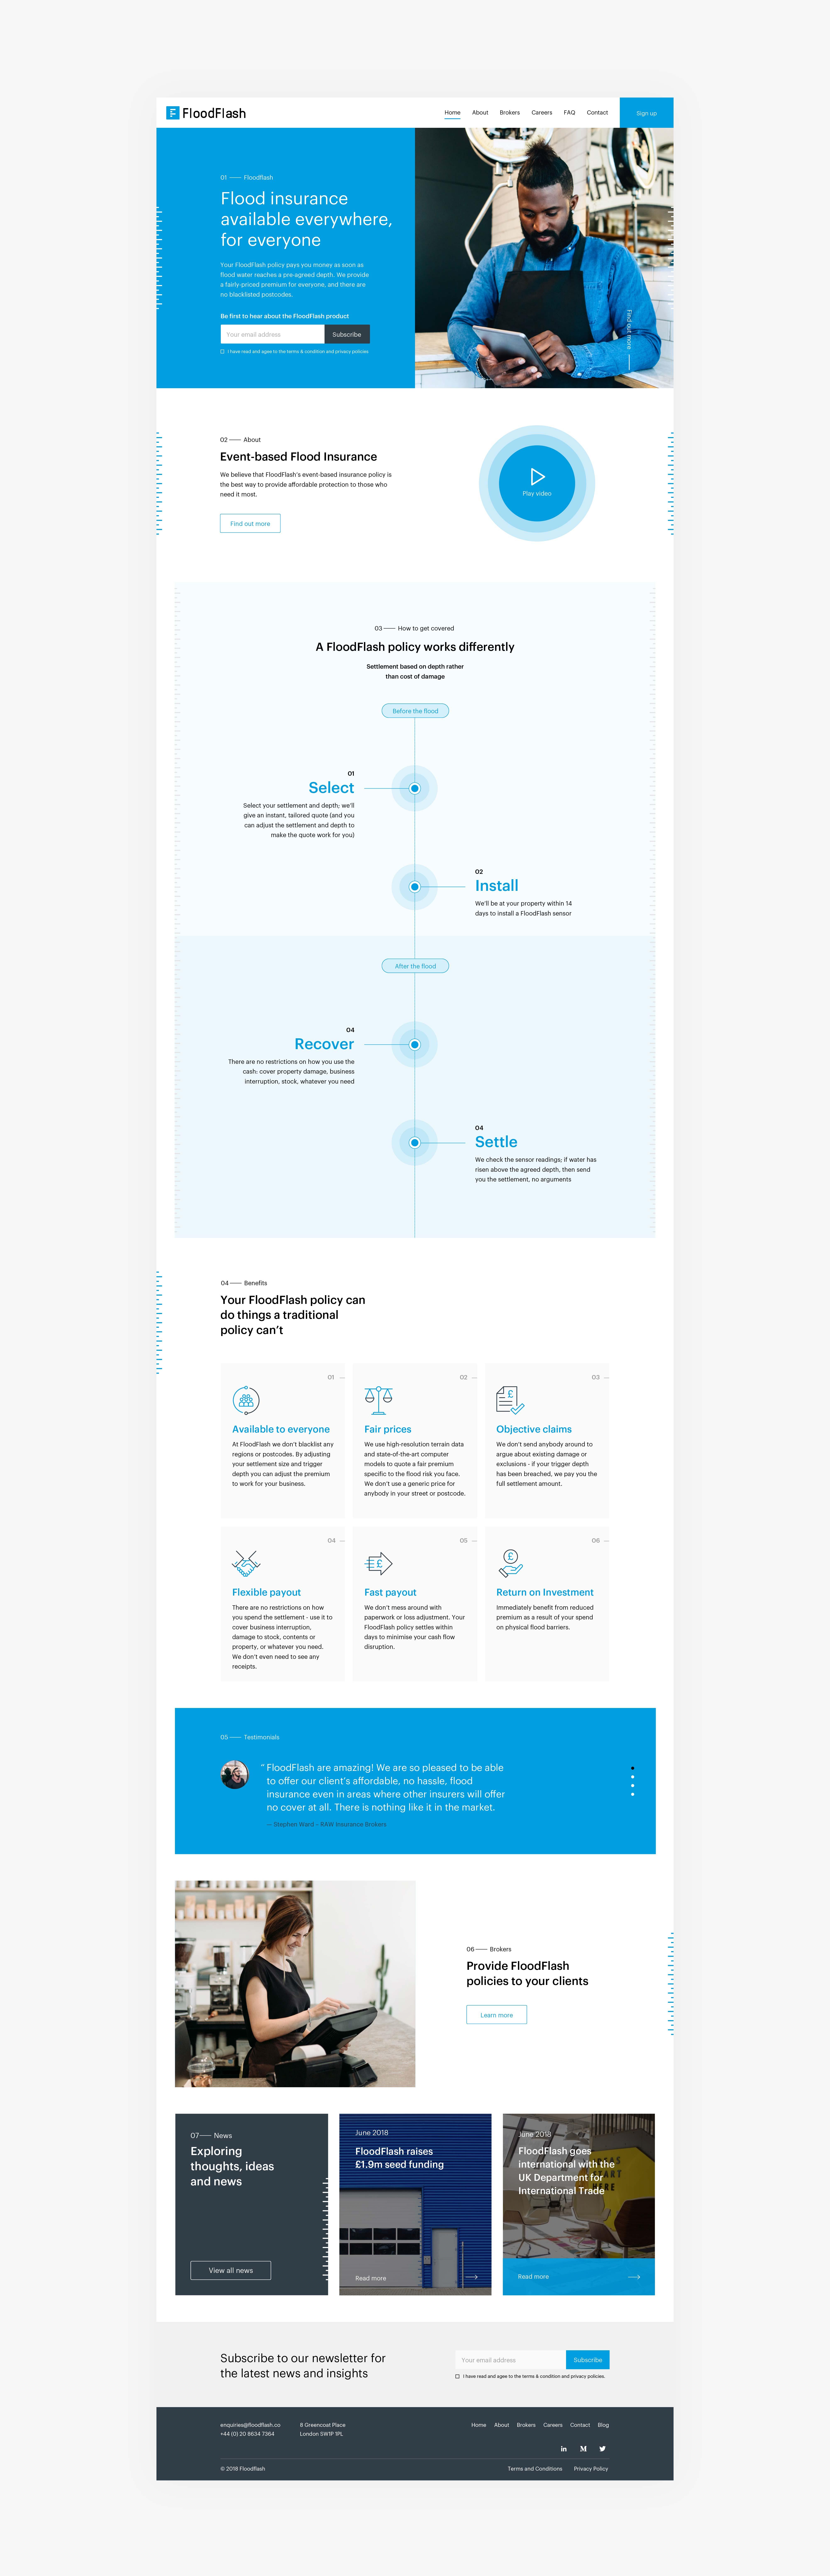 Floodflash website design